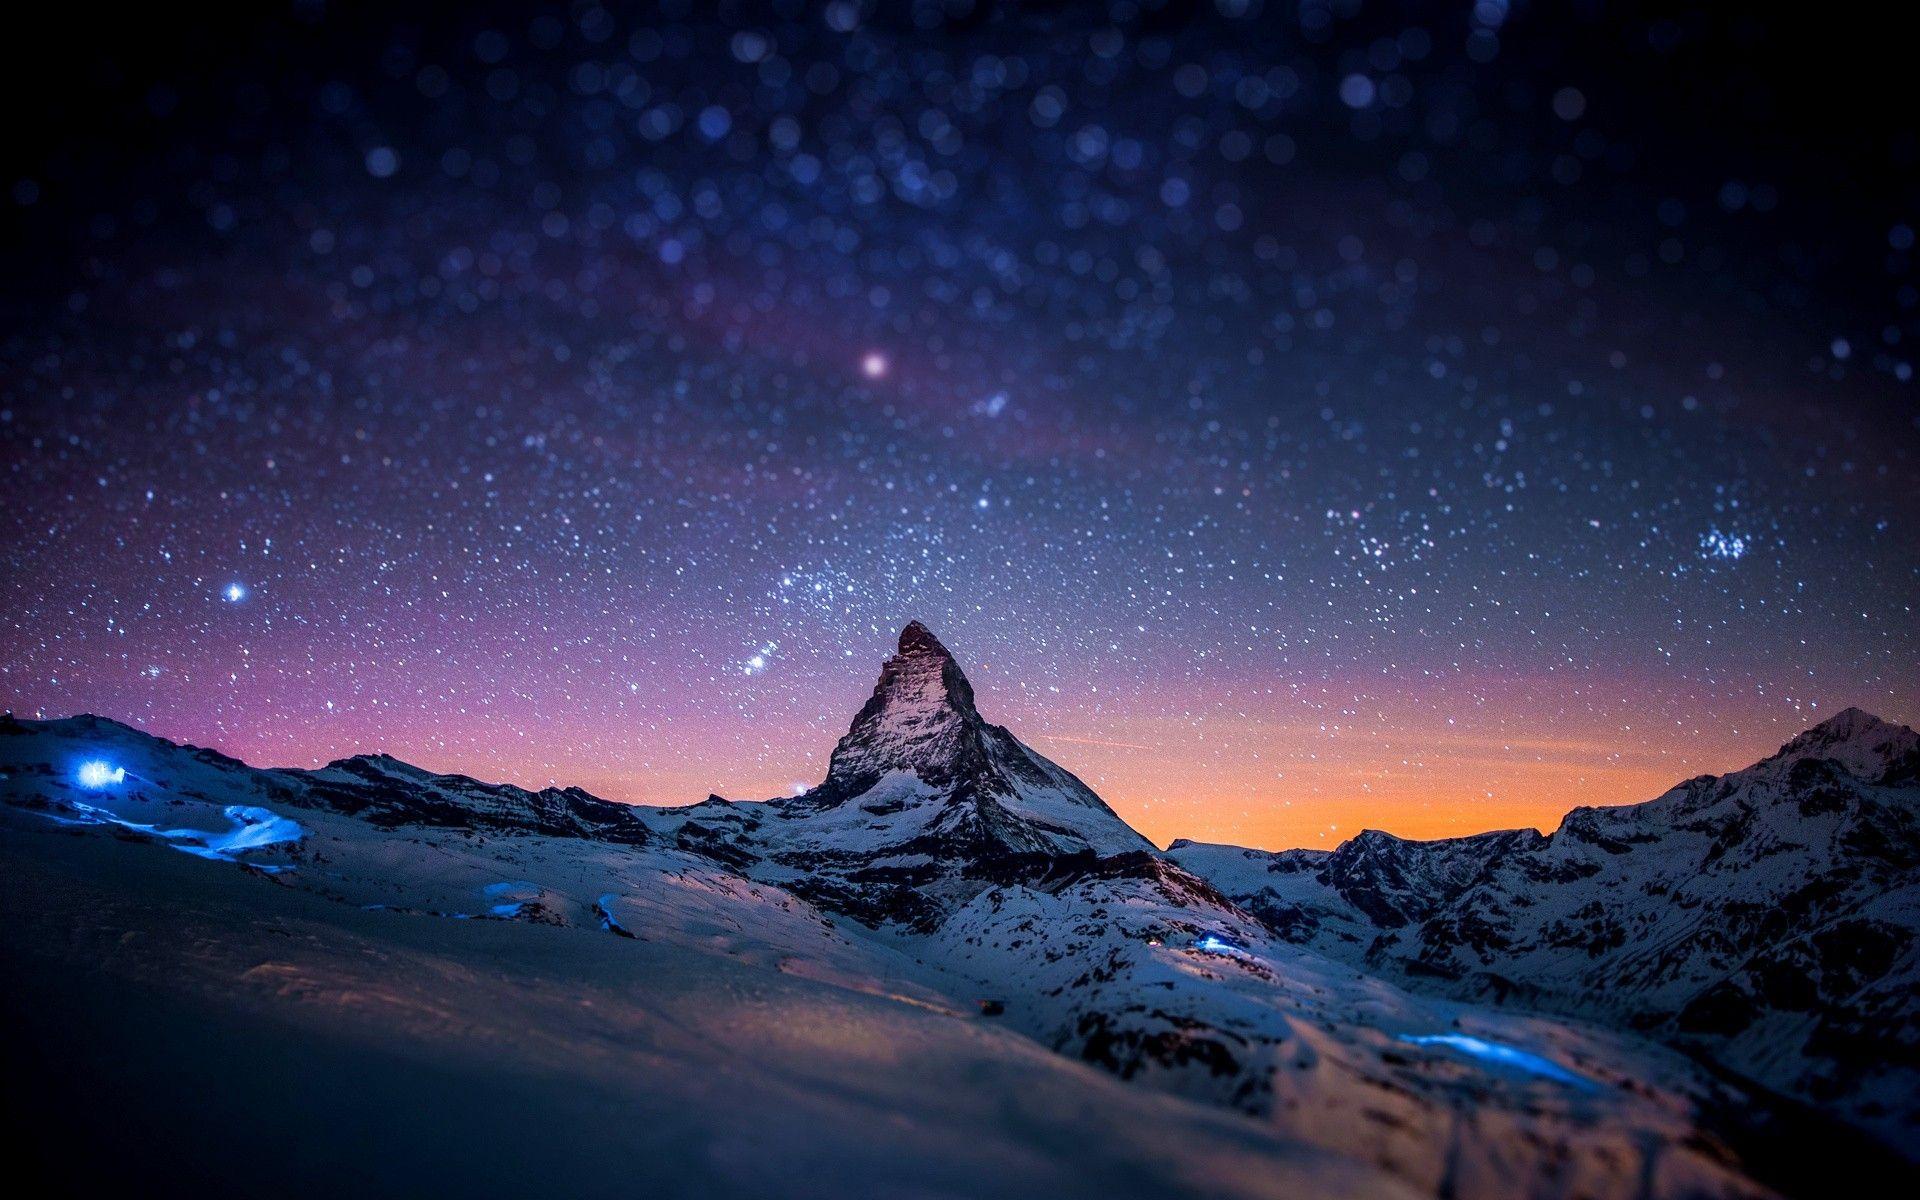 Wallpaper Cielo De Noche Con Estrellas Monte Cervino Alpes Suizos Fondos De Escritorio Windows Fondos De Escritorio Fotografia Paisaje